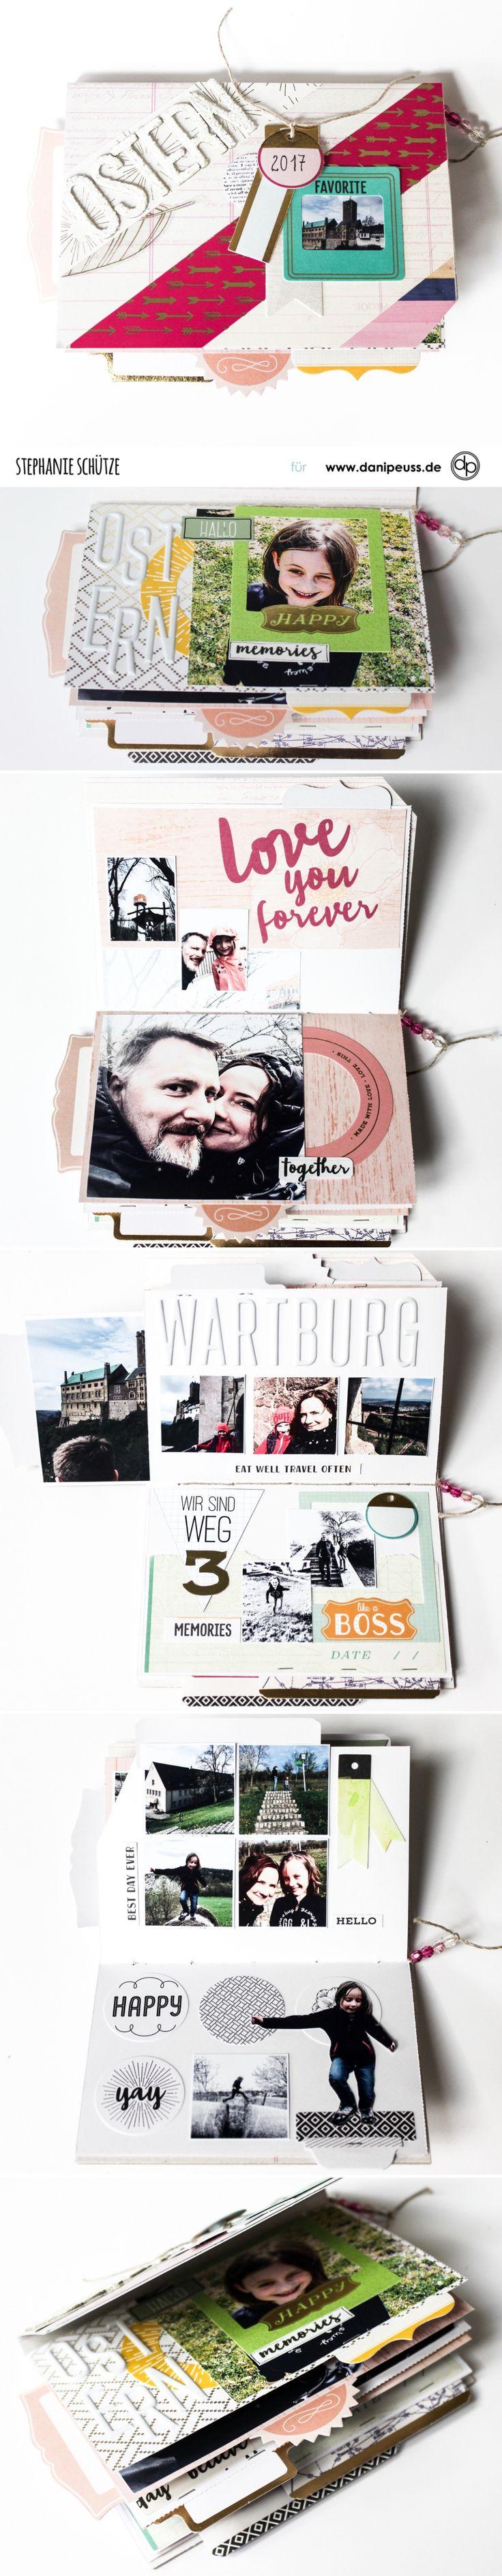 Aufklapp-Album - Oster-Familien-Urlaub | mit dem Junikit | von Stephanie Schütze für www.danipeuss.de